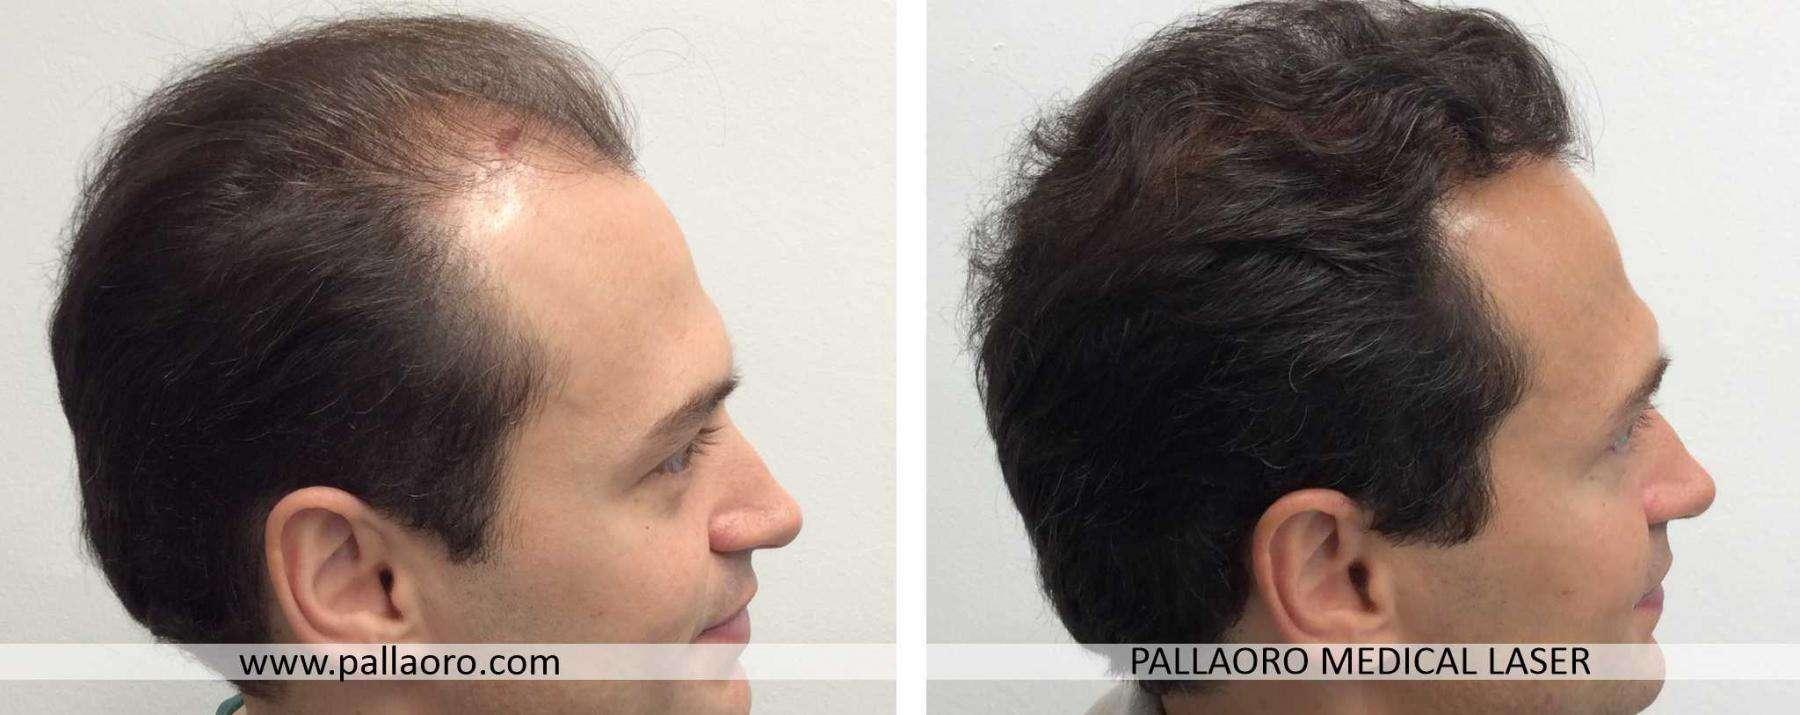 trapianto capelli 2021 05 c